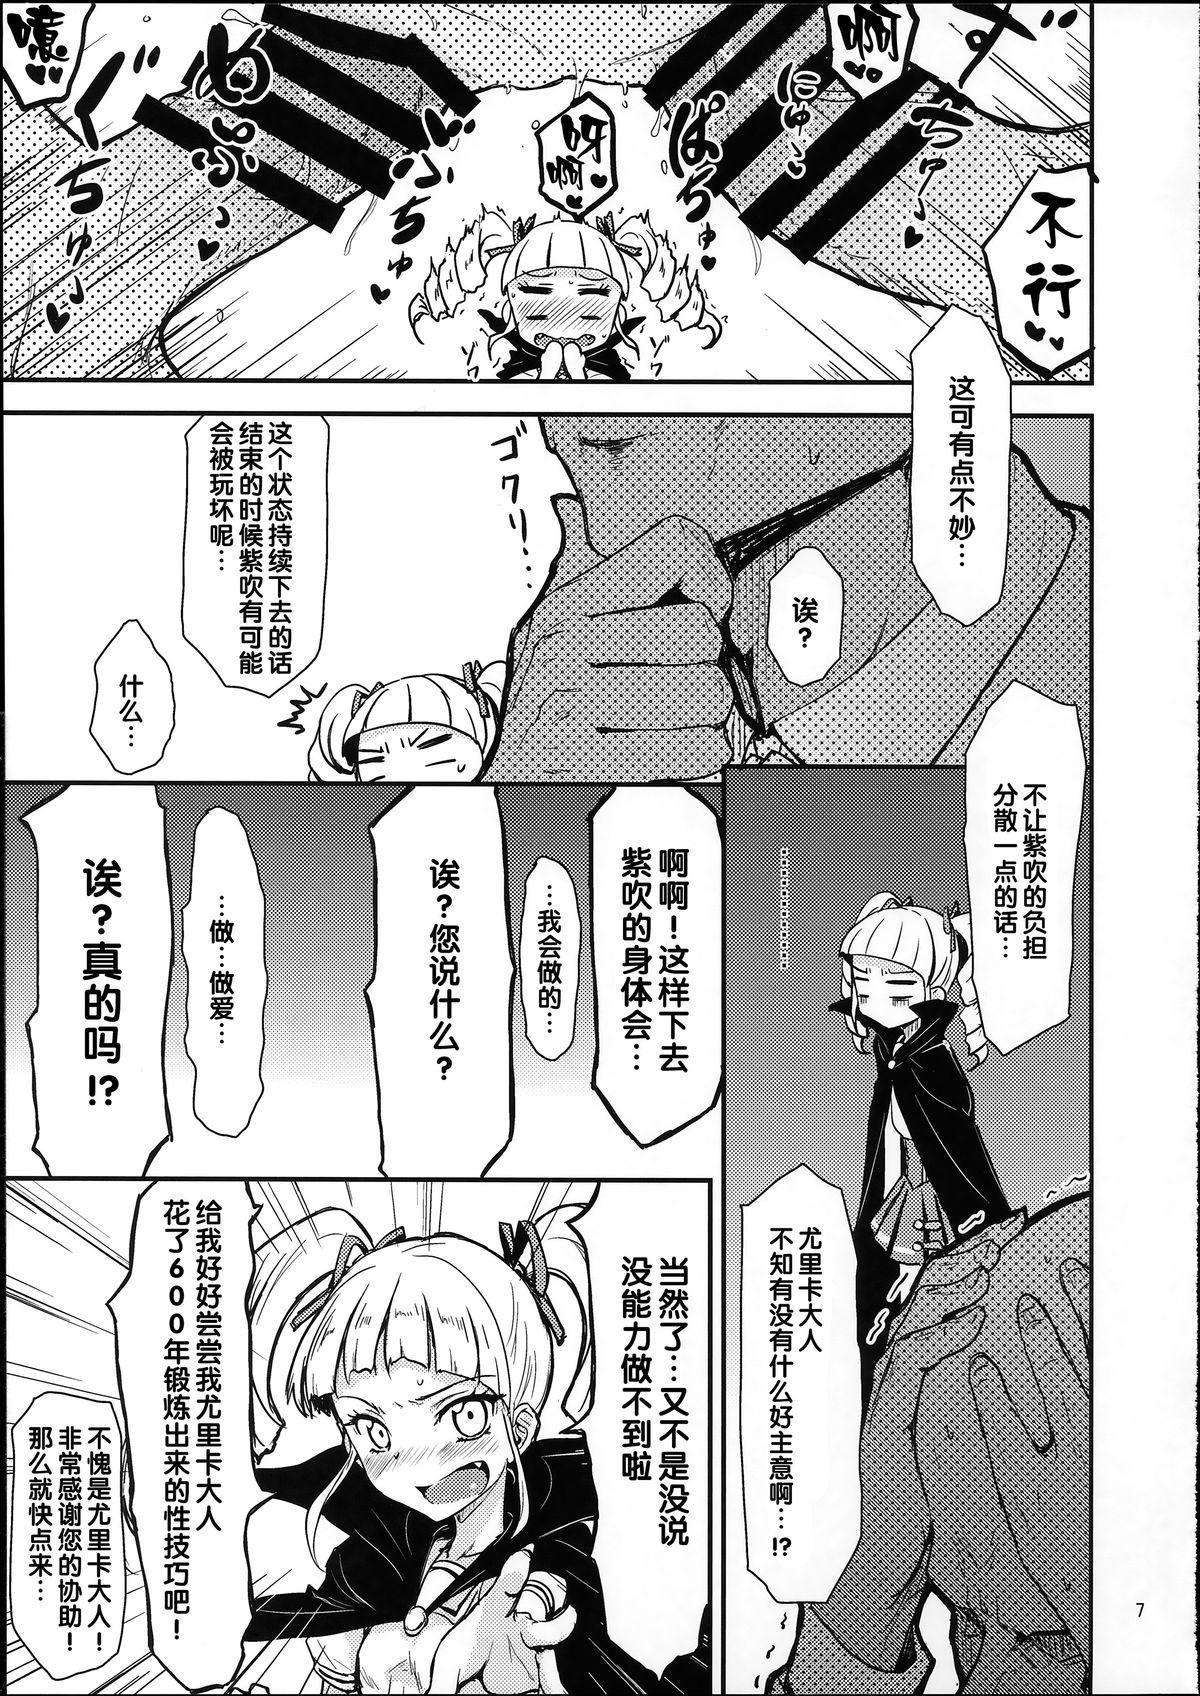 Soreyuke tristar 5